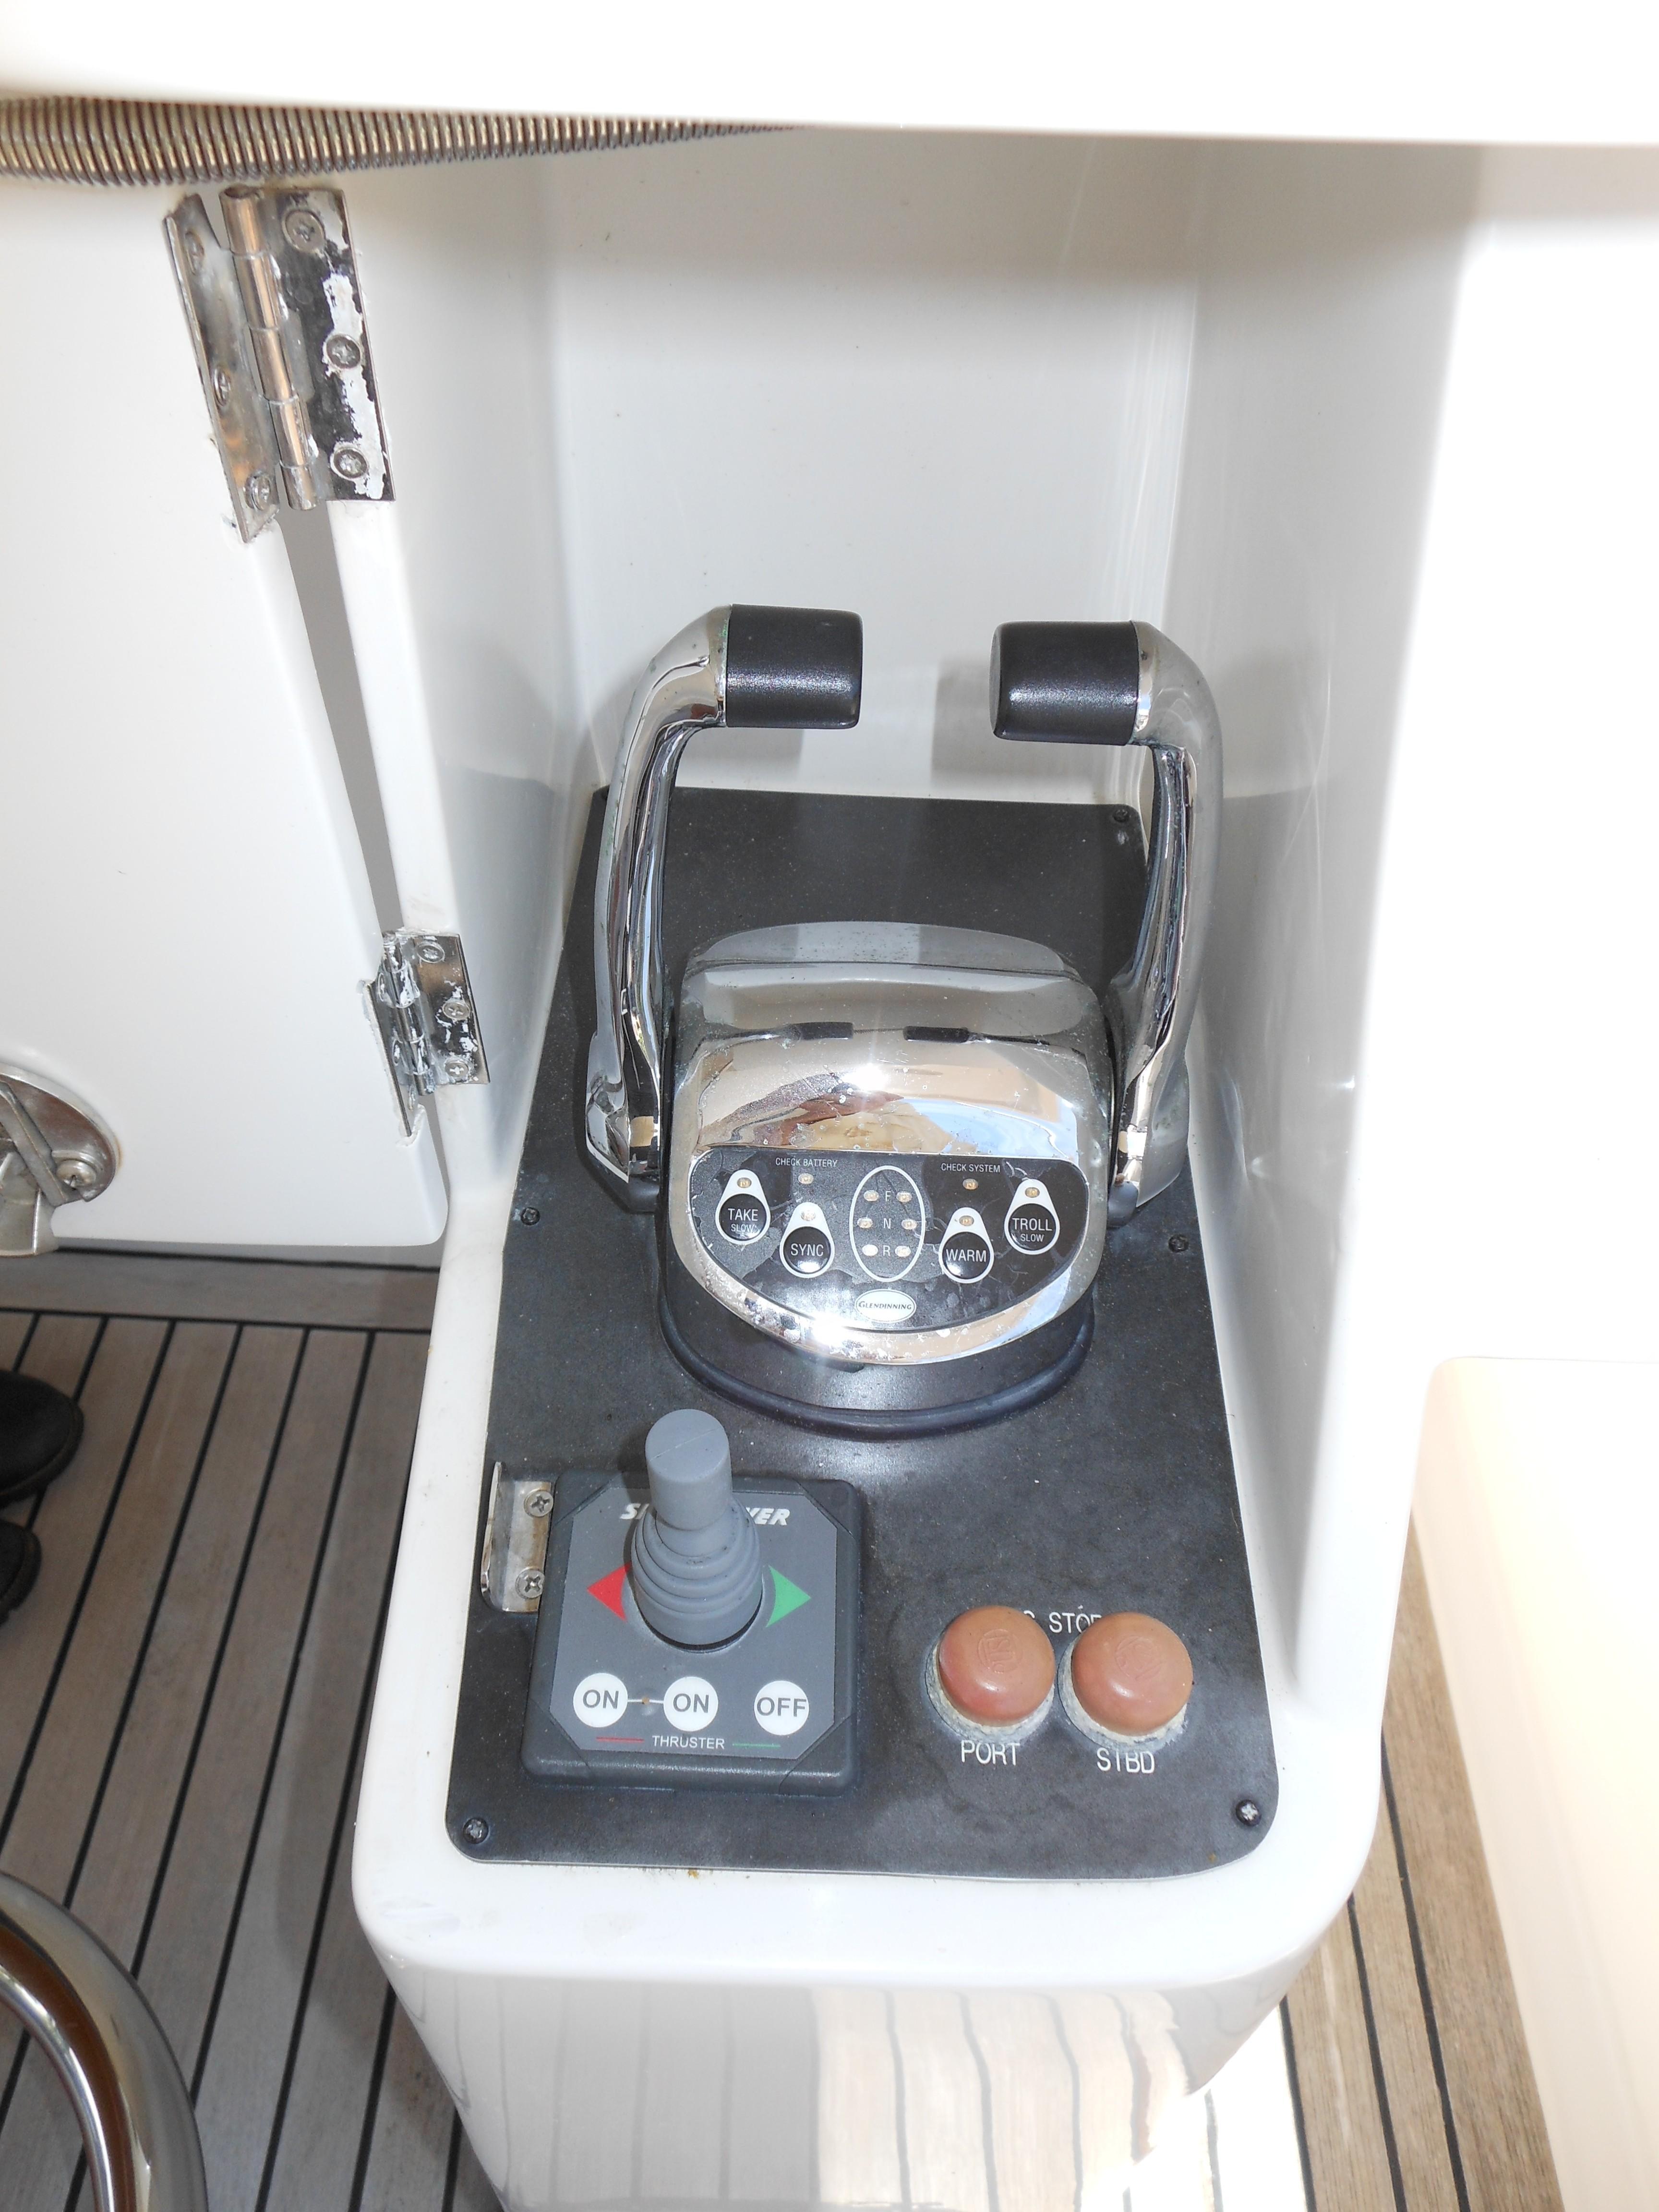 58 Symbol Cockpit controls